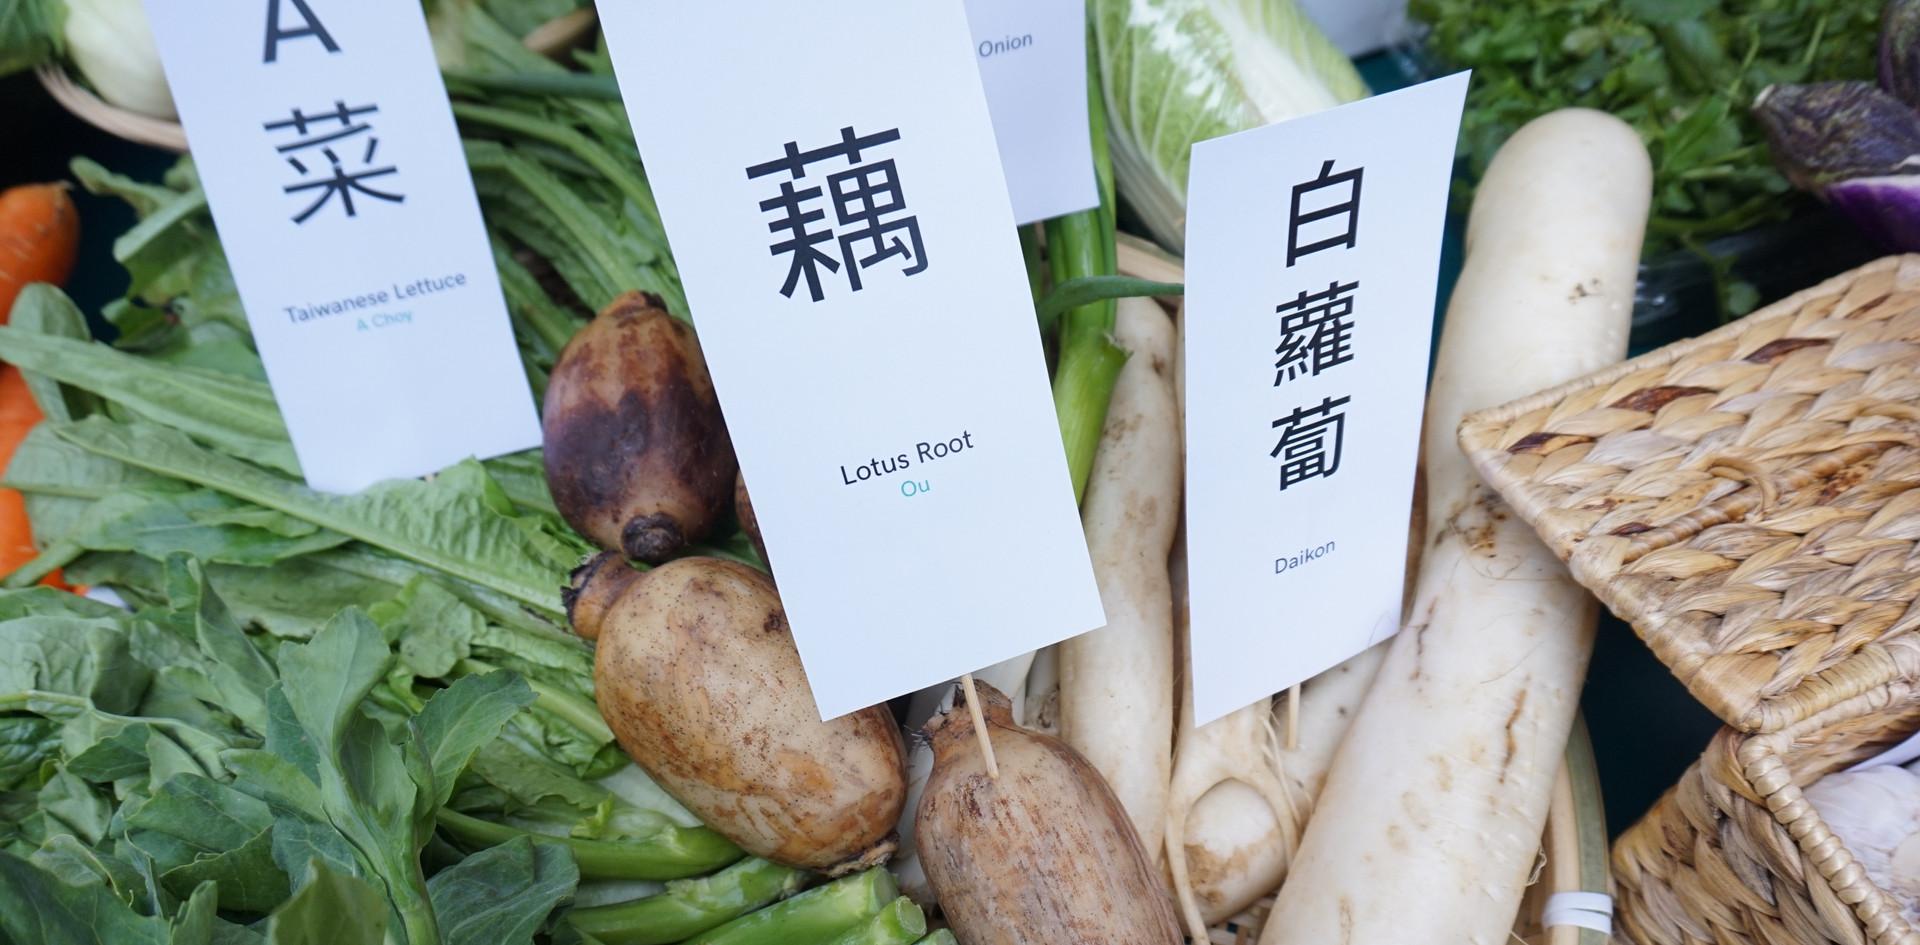 Veggies + Their Signs